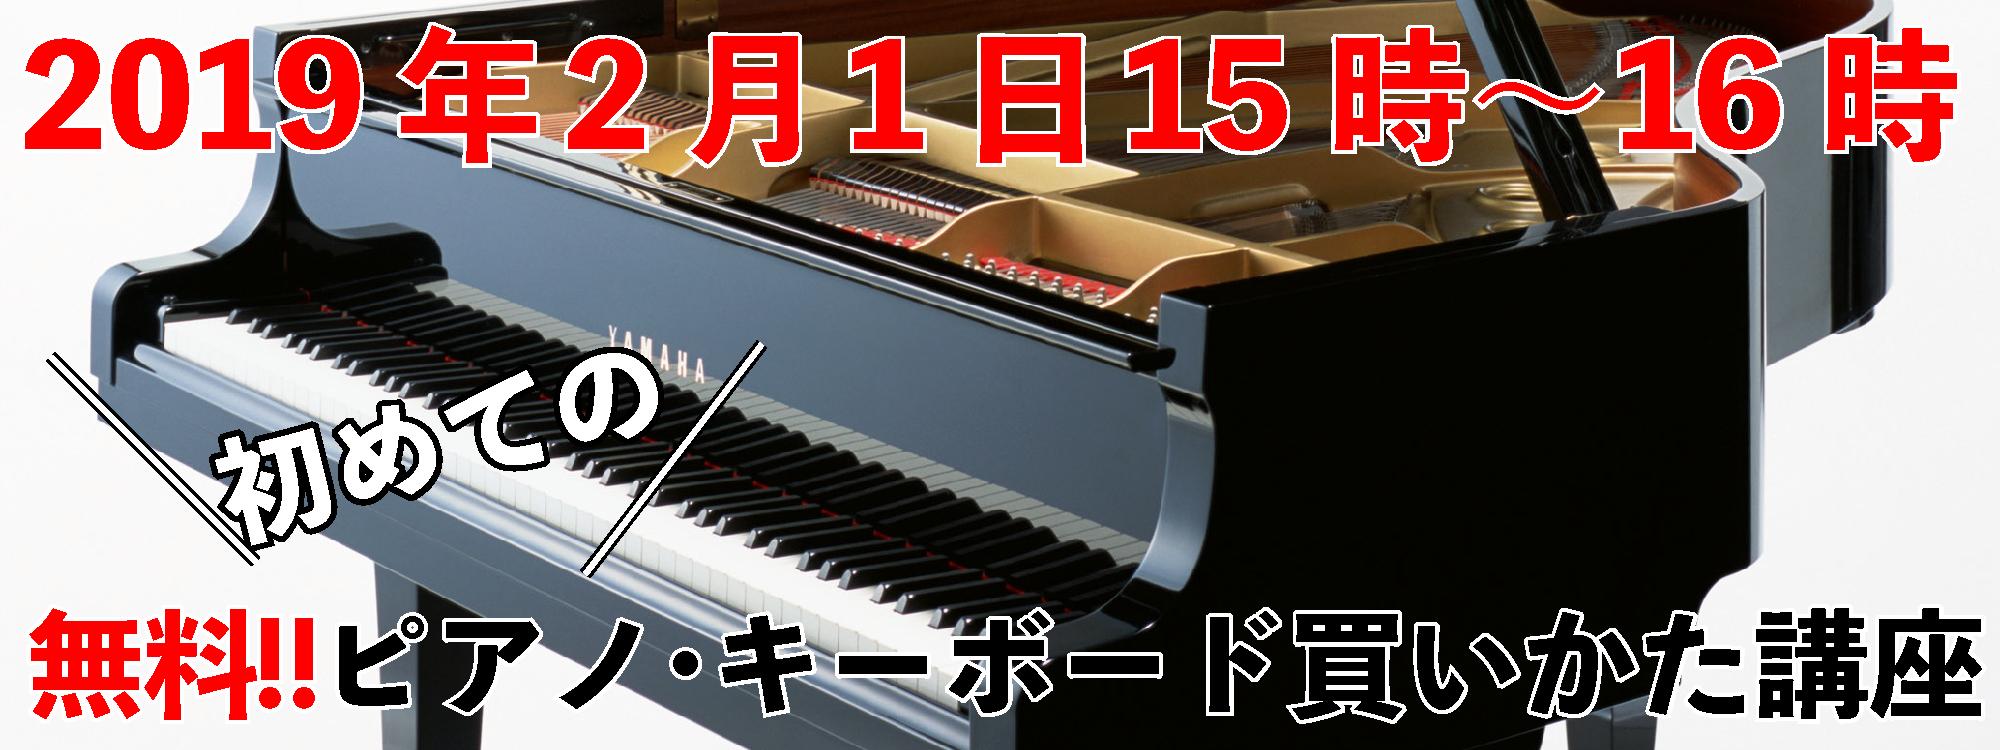 無料!!初めてのピアノ買いかた講座a